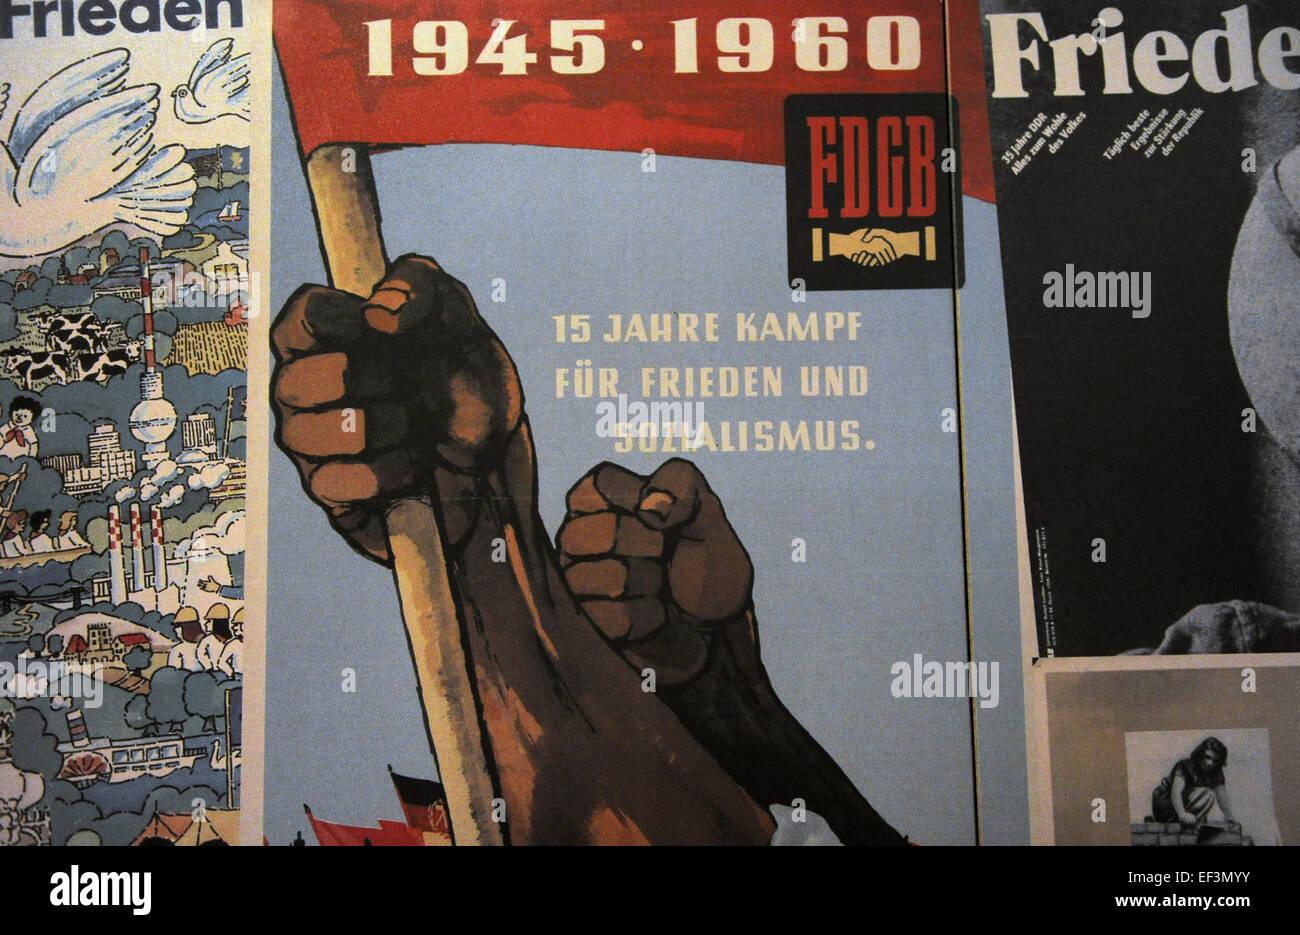 Guerra Fría. Bloque Oriental. Publicaciones de propaganda comunista. Alemania oriental. DDR Museum. Berlín. Imagen De Stock